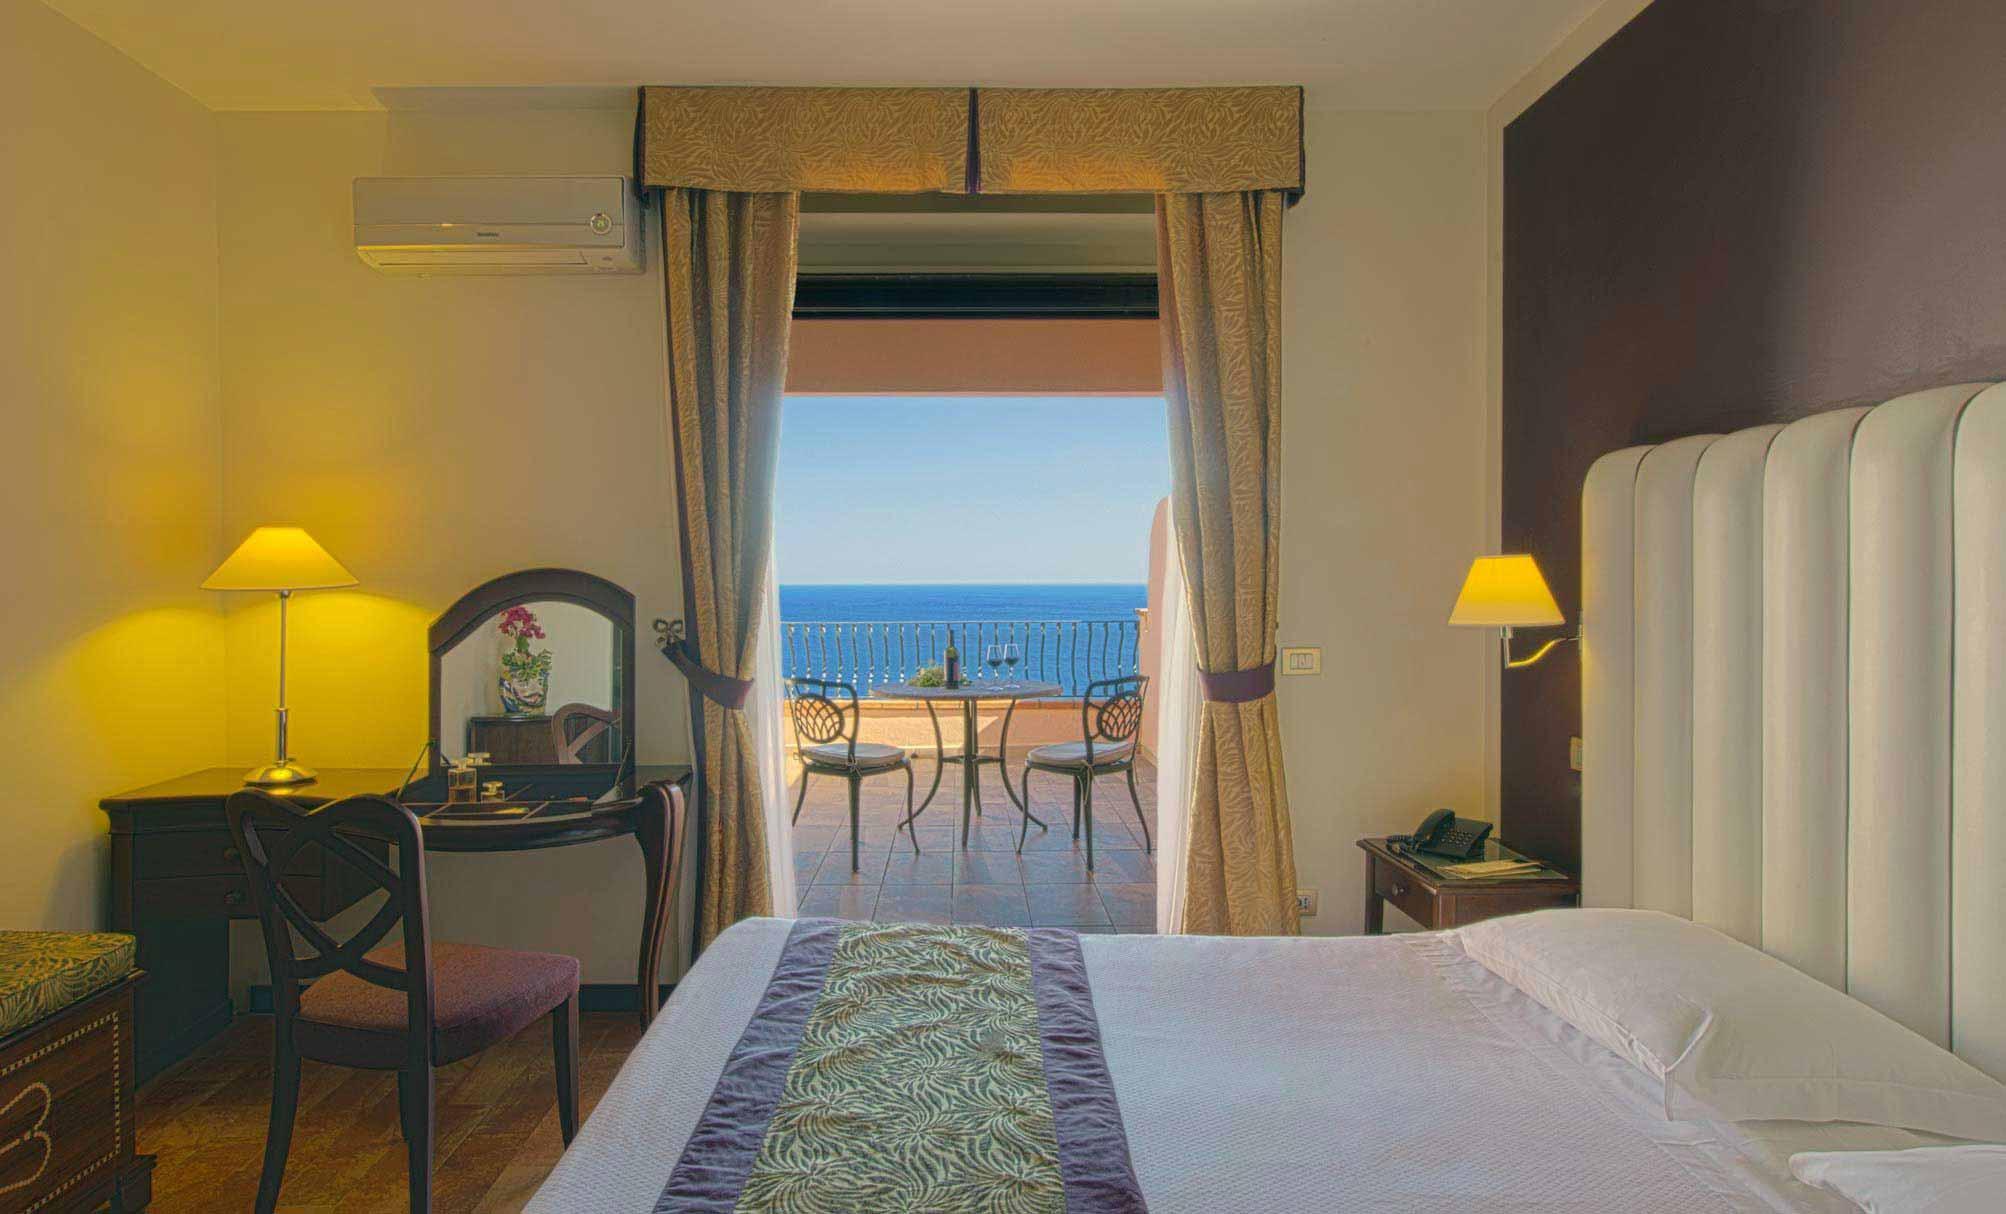 Deluxe room at Hotel Baia Taormina